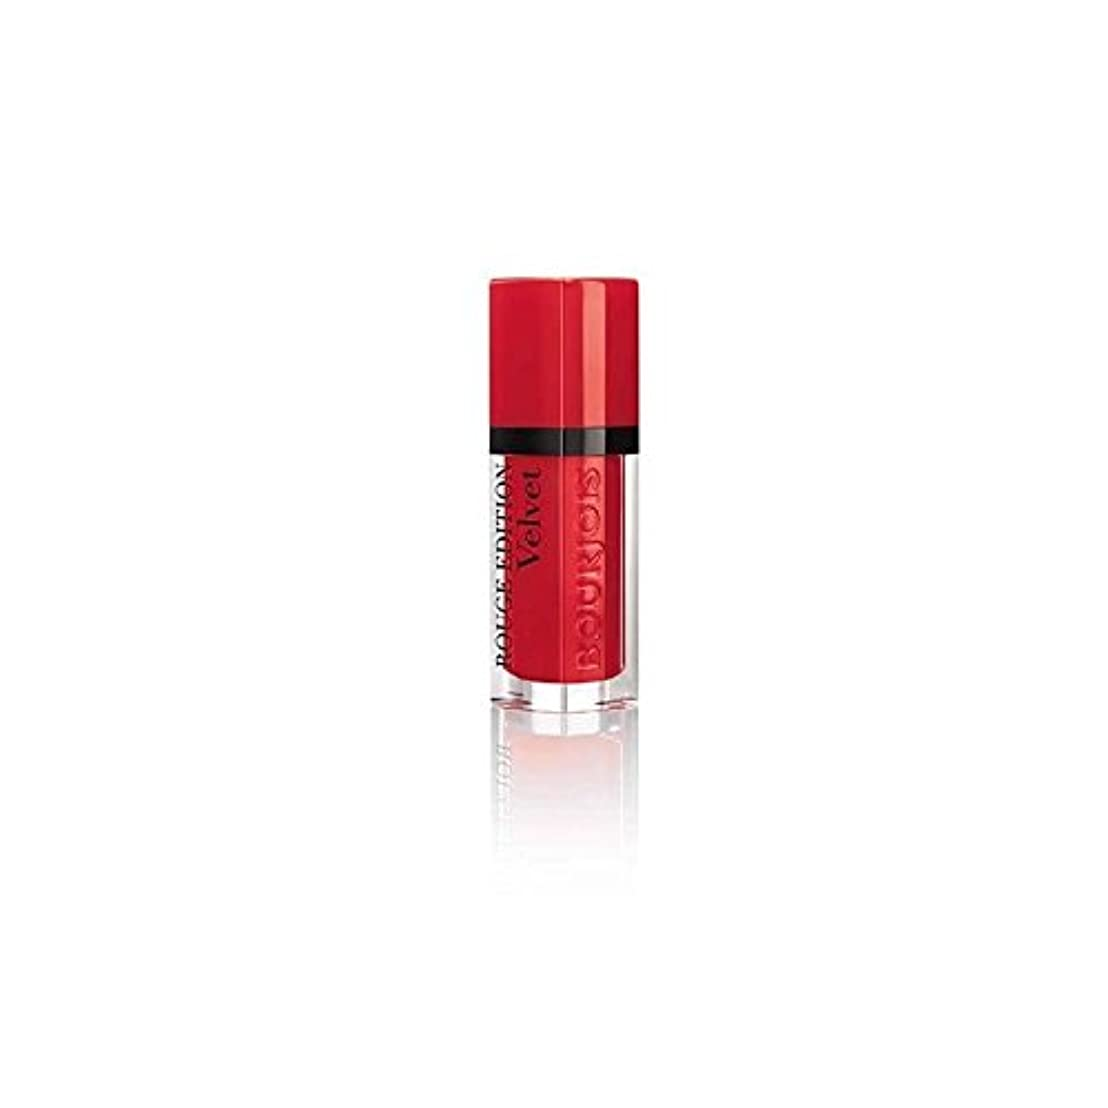 フィルタ急ぐ高齢者Bourjois Rouge Edition Velvet Lipstick It's Redding Men 18 - ブルジョワルージュ版のベルベットの口紅は、それはレディングの男性18です [並行輸入品]